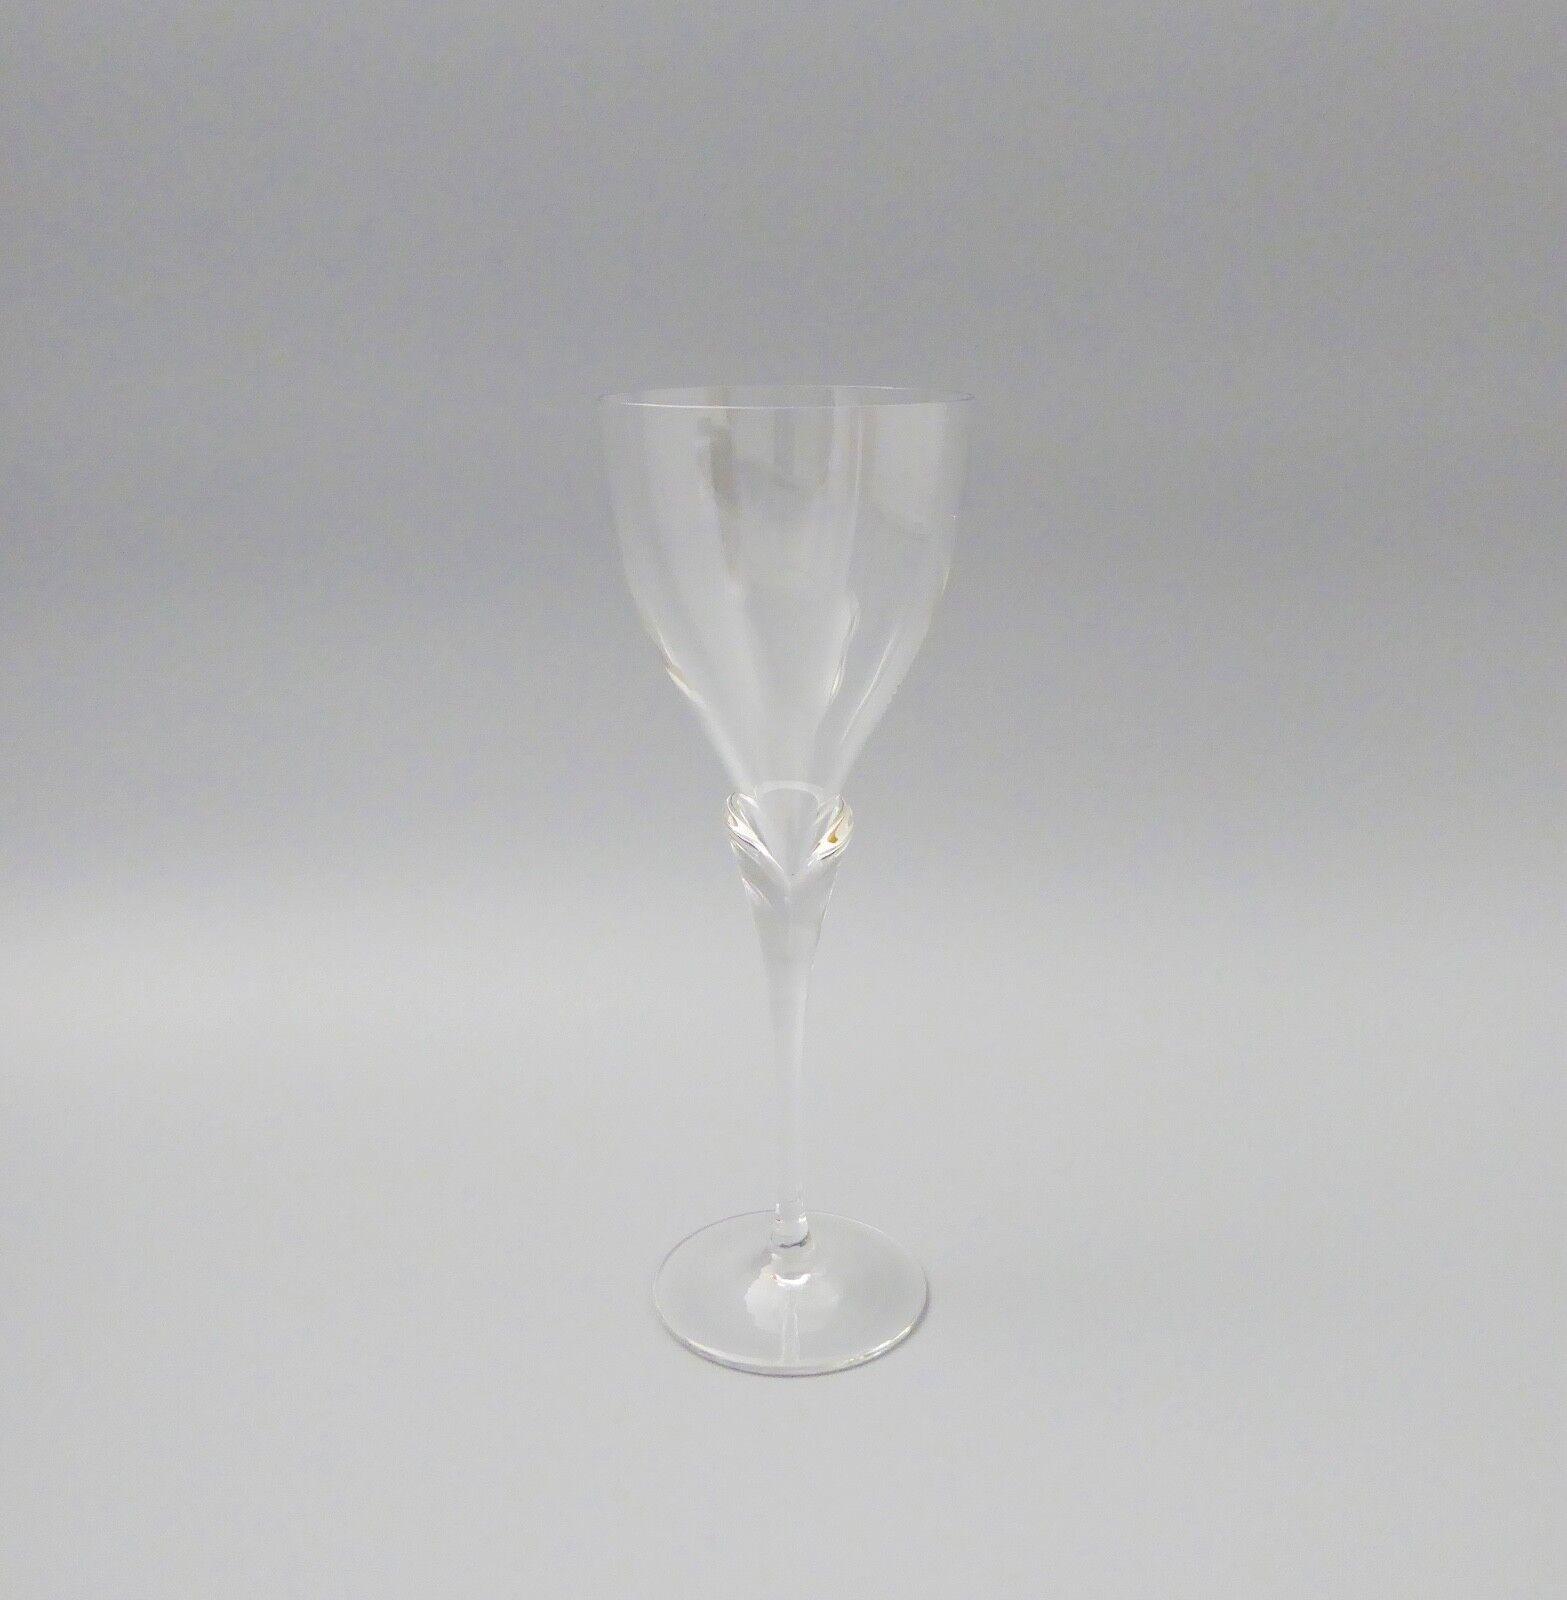 6 pièces Rosenthal calice rougeweinglas Verre de vin verre H. 20,4 cm Inutilisé